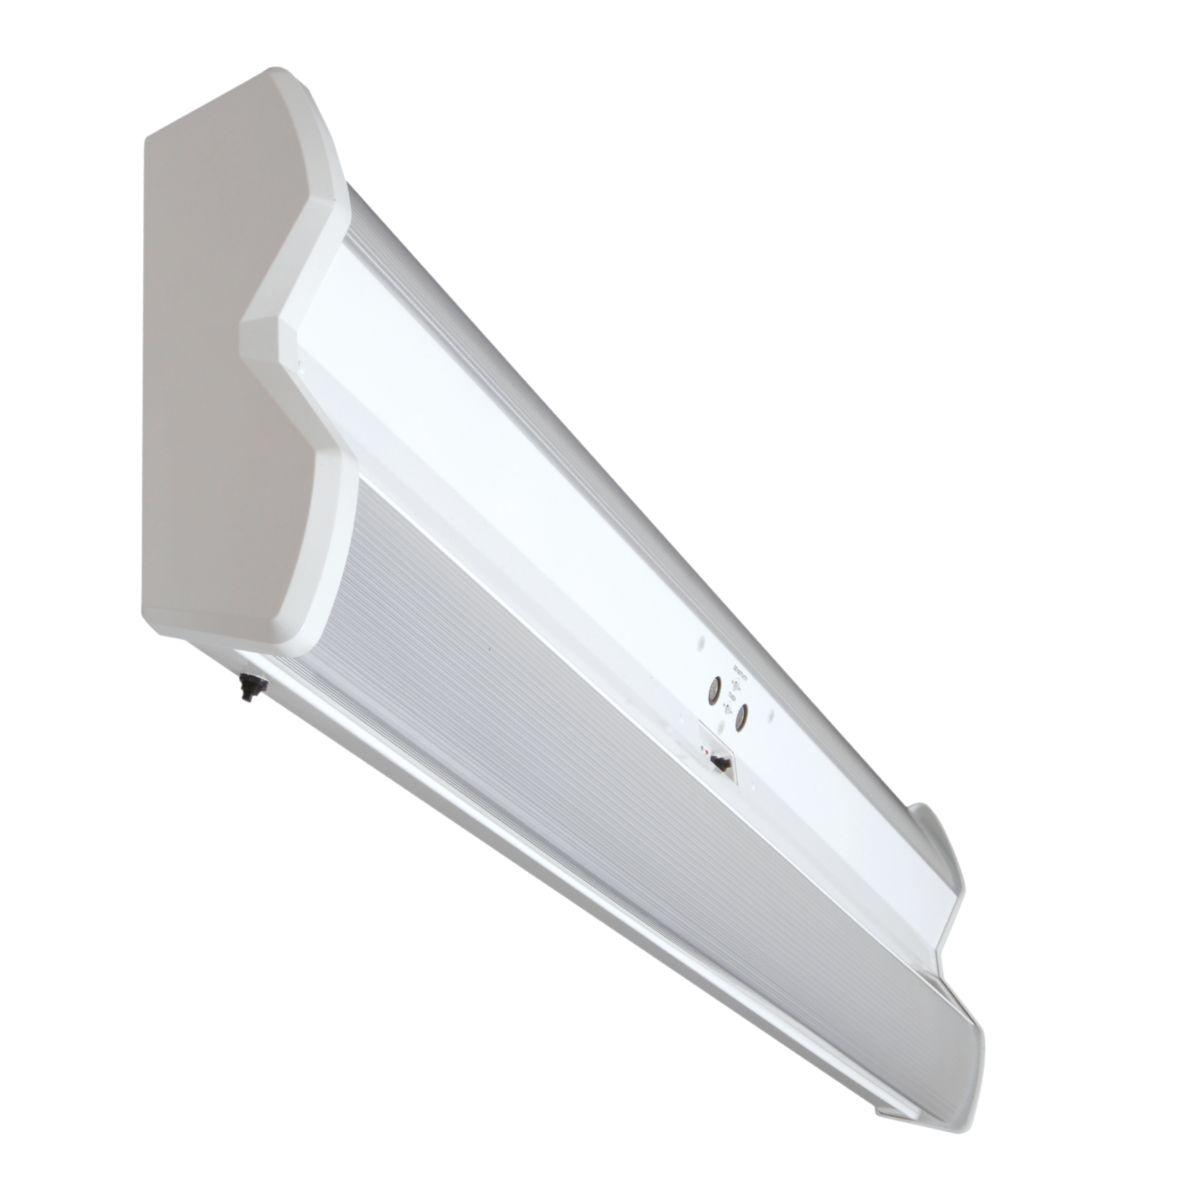 SL2 StairLite 2 Motion Sensor Emergency Light